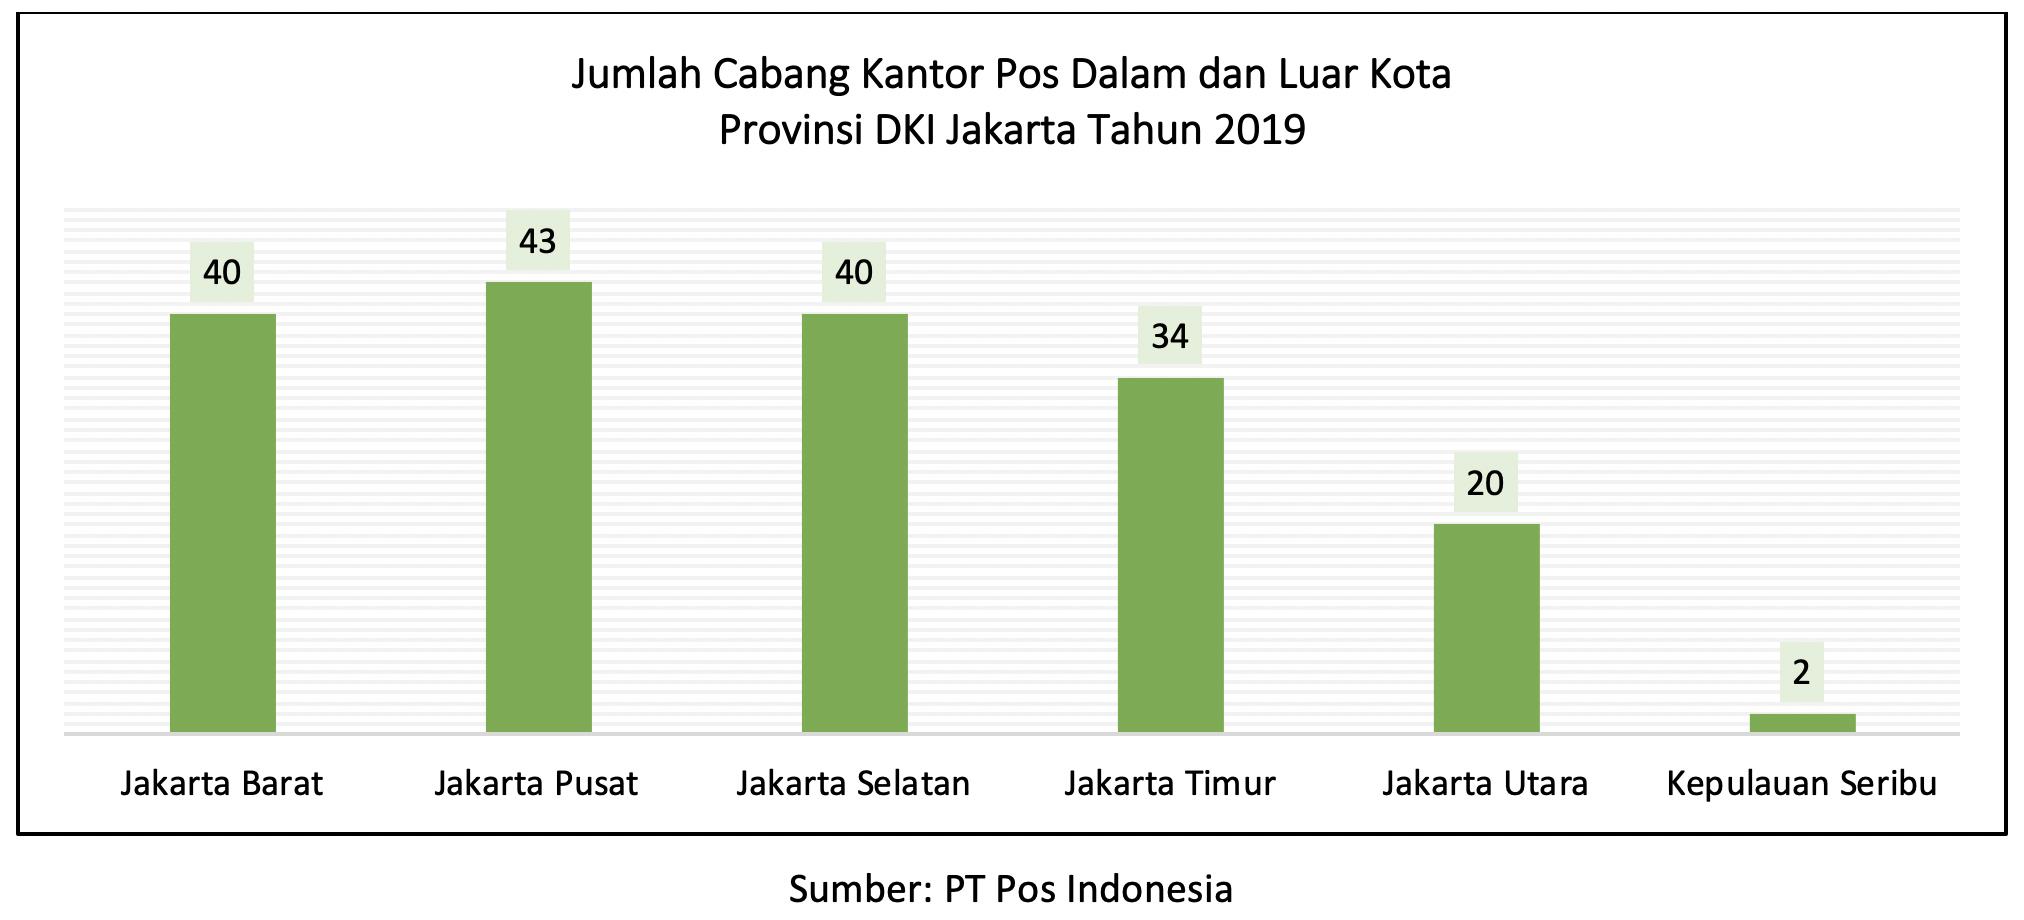 Kantor Pos Indonesia Di Dki Jakarta Tahun 2019 Unit Pengelola Statistik